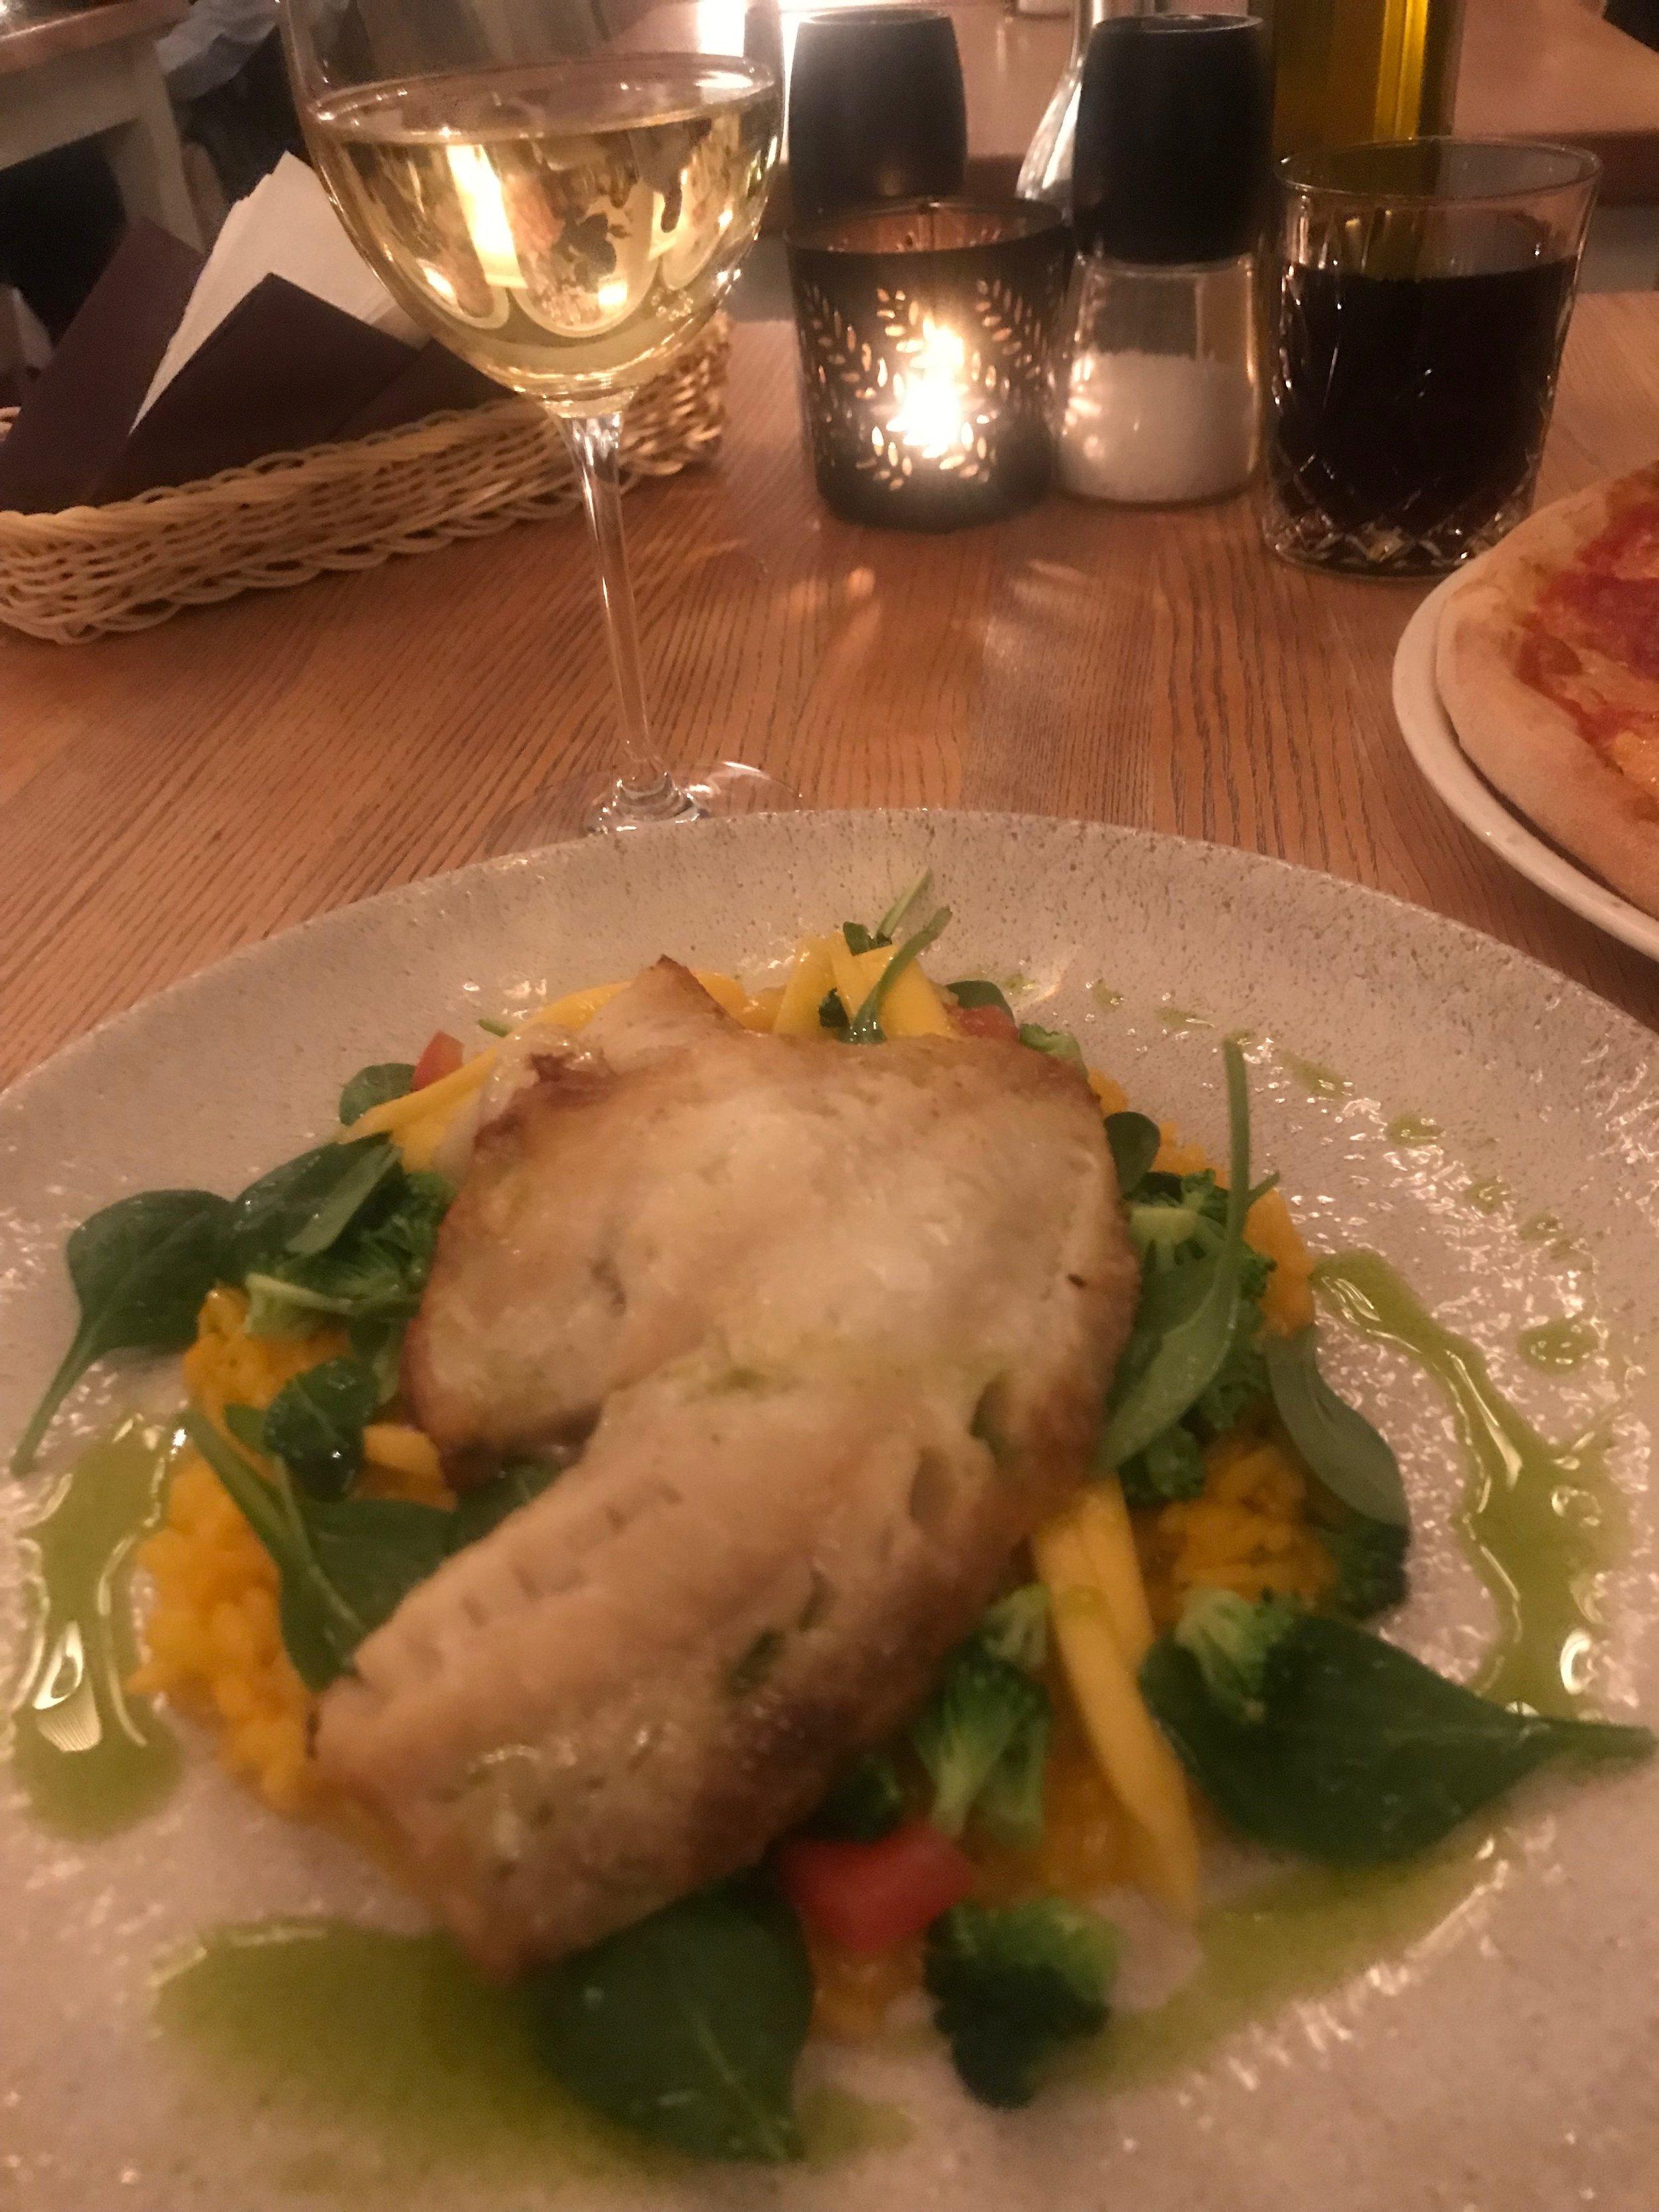 La Cucina Ristorante oli toinen ihana italialainen ravintola. Söin puna-ahventa ja risottoa. Ruoka oli todella hyvää!